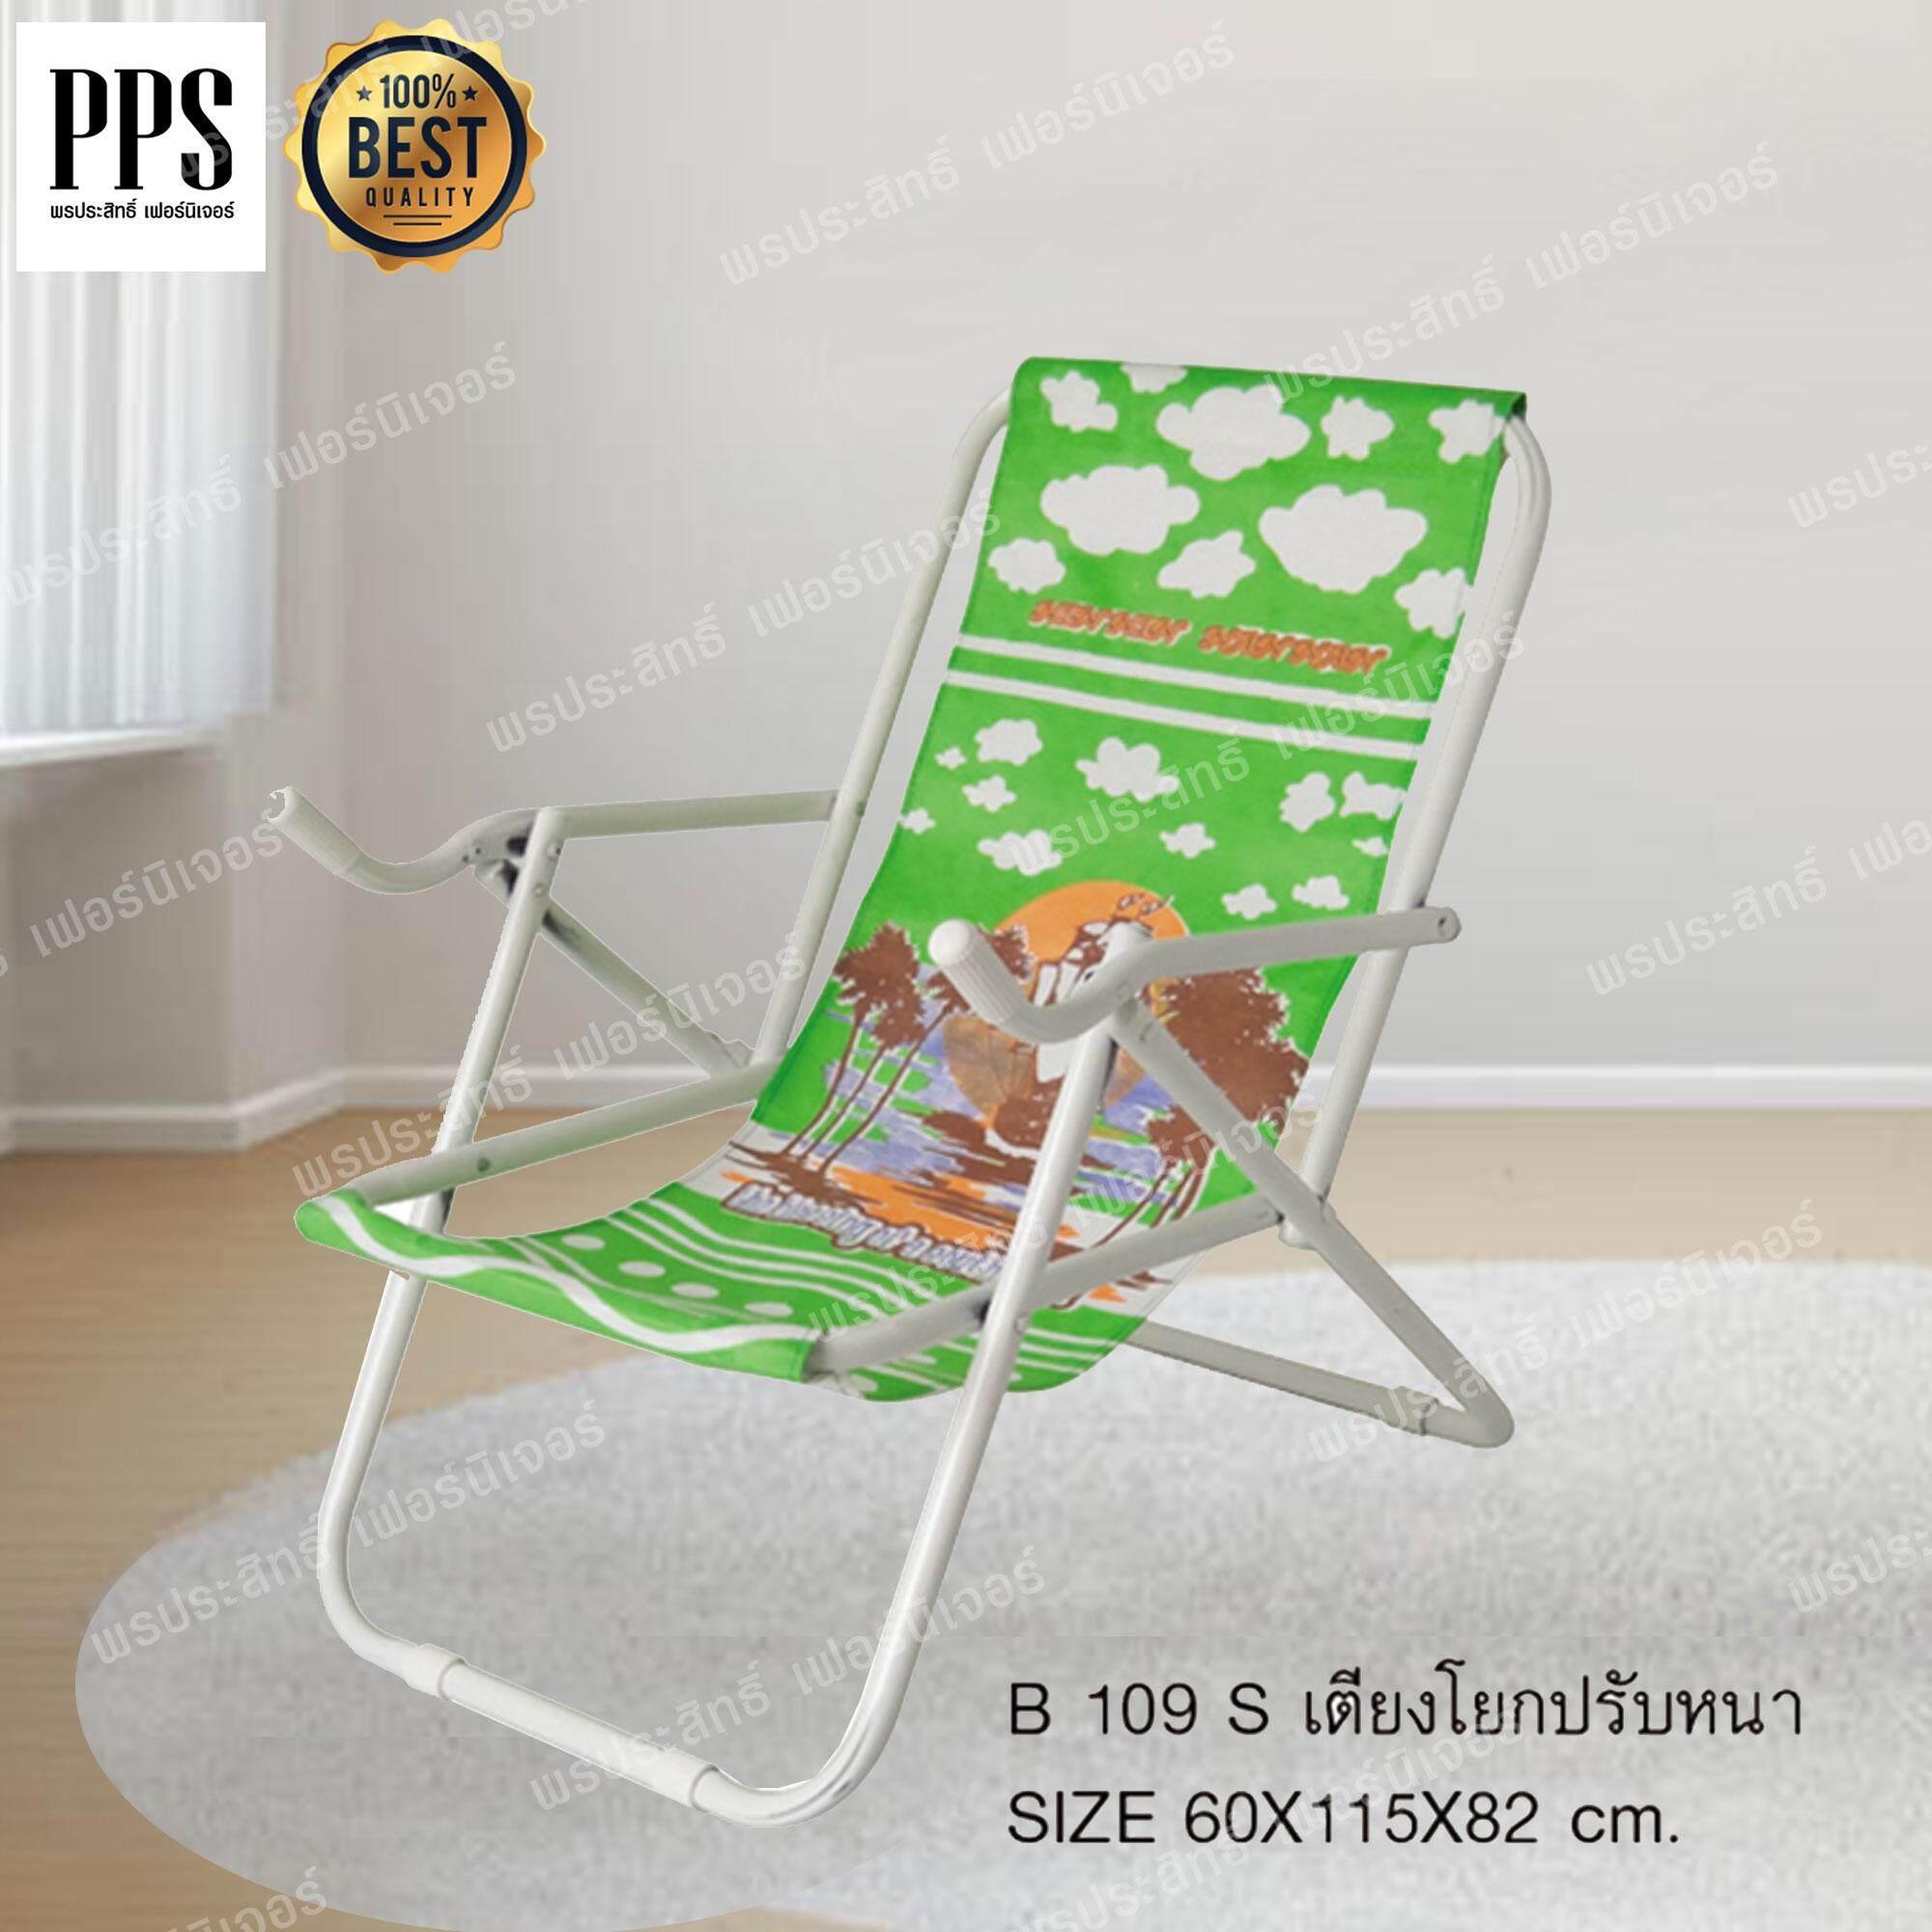 Asia เตียงปรับนอนผ้าใบ เก้าอี้ปรับนอน โครงเหล็กหนา (โครงขาว ผ้าคละสี).